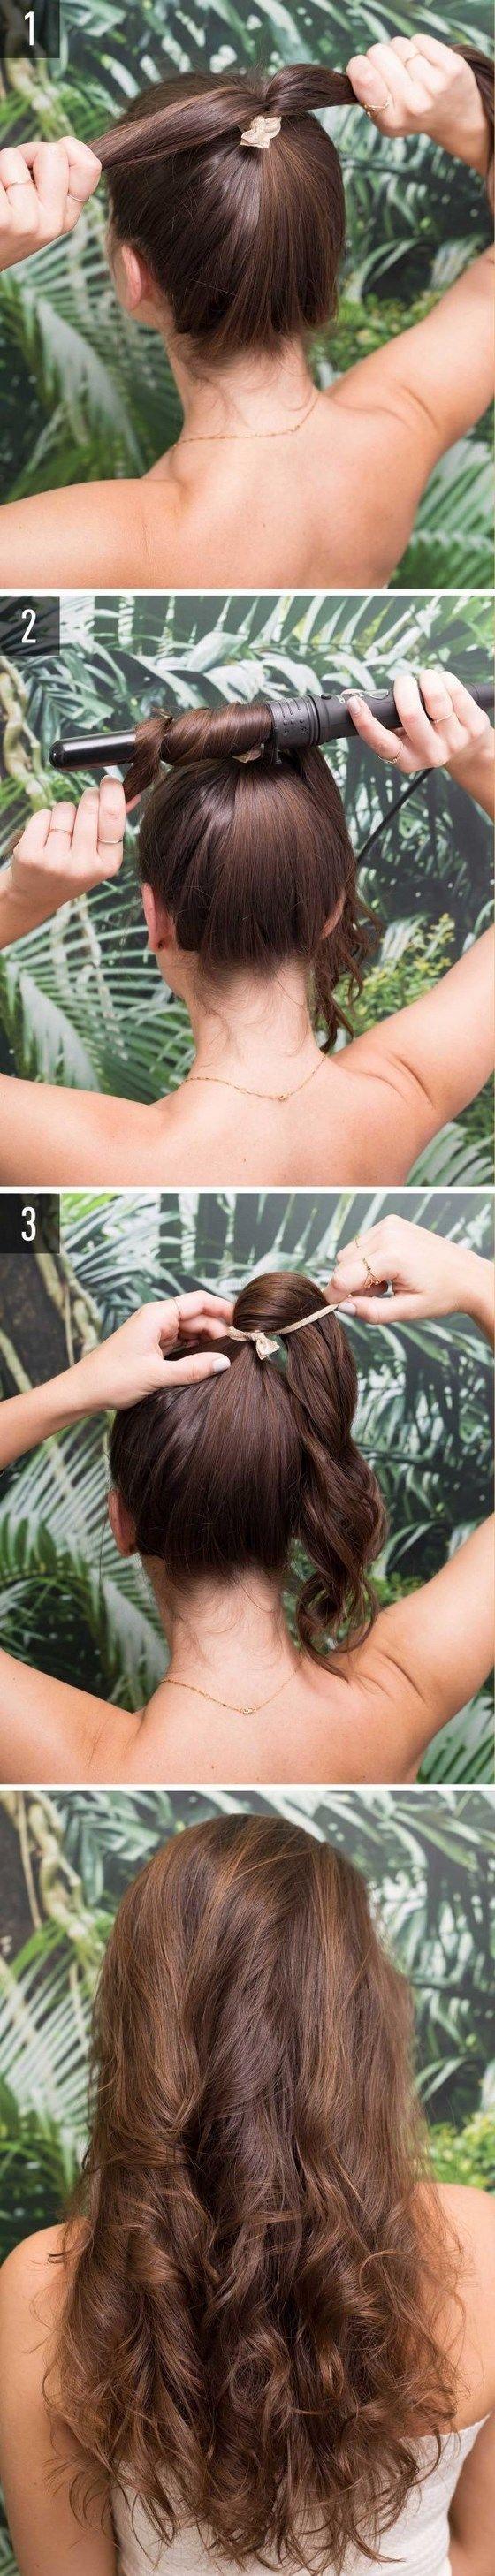 Geniales peinados sencillos que te podrás hacer facilmente